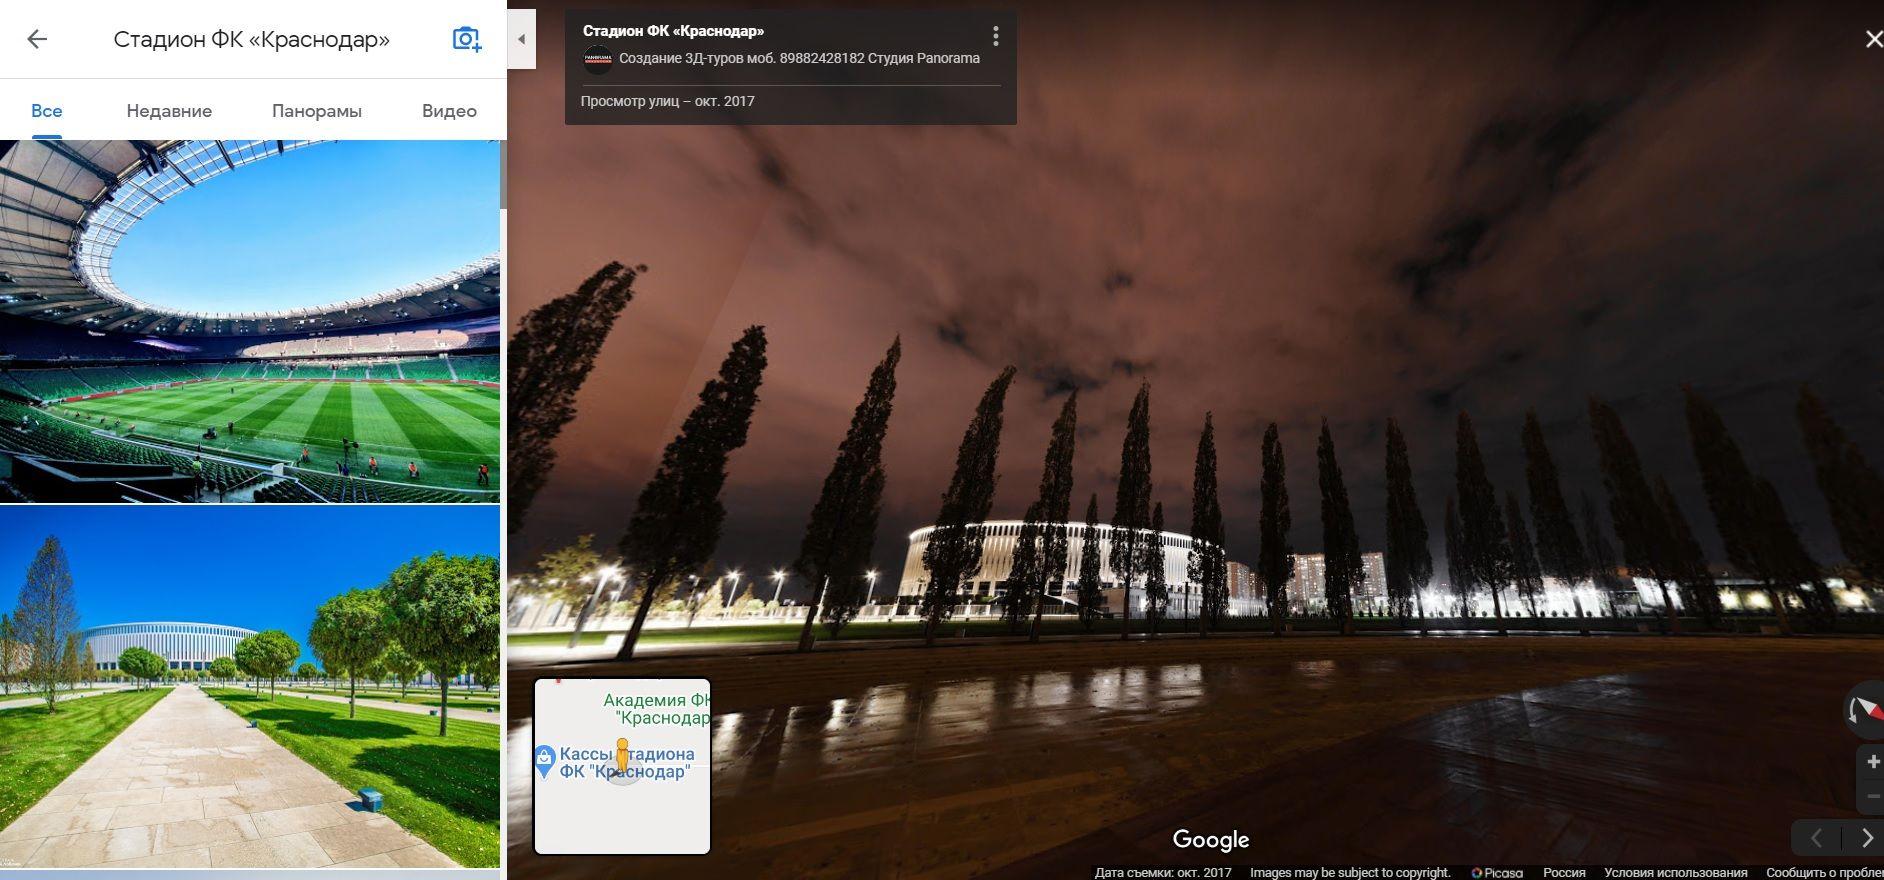 ©Скриншот сервиса google.com/maps